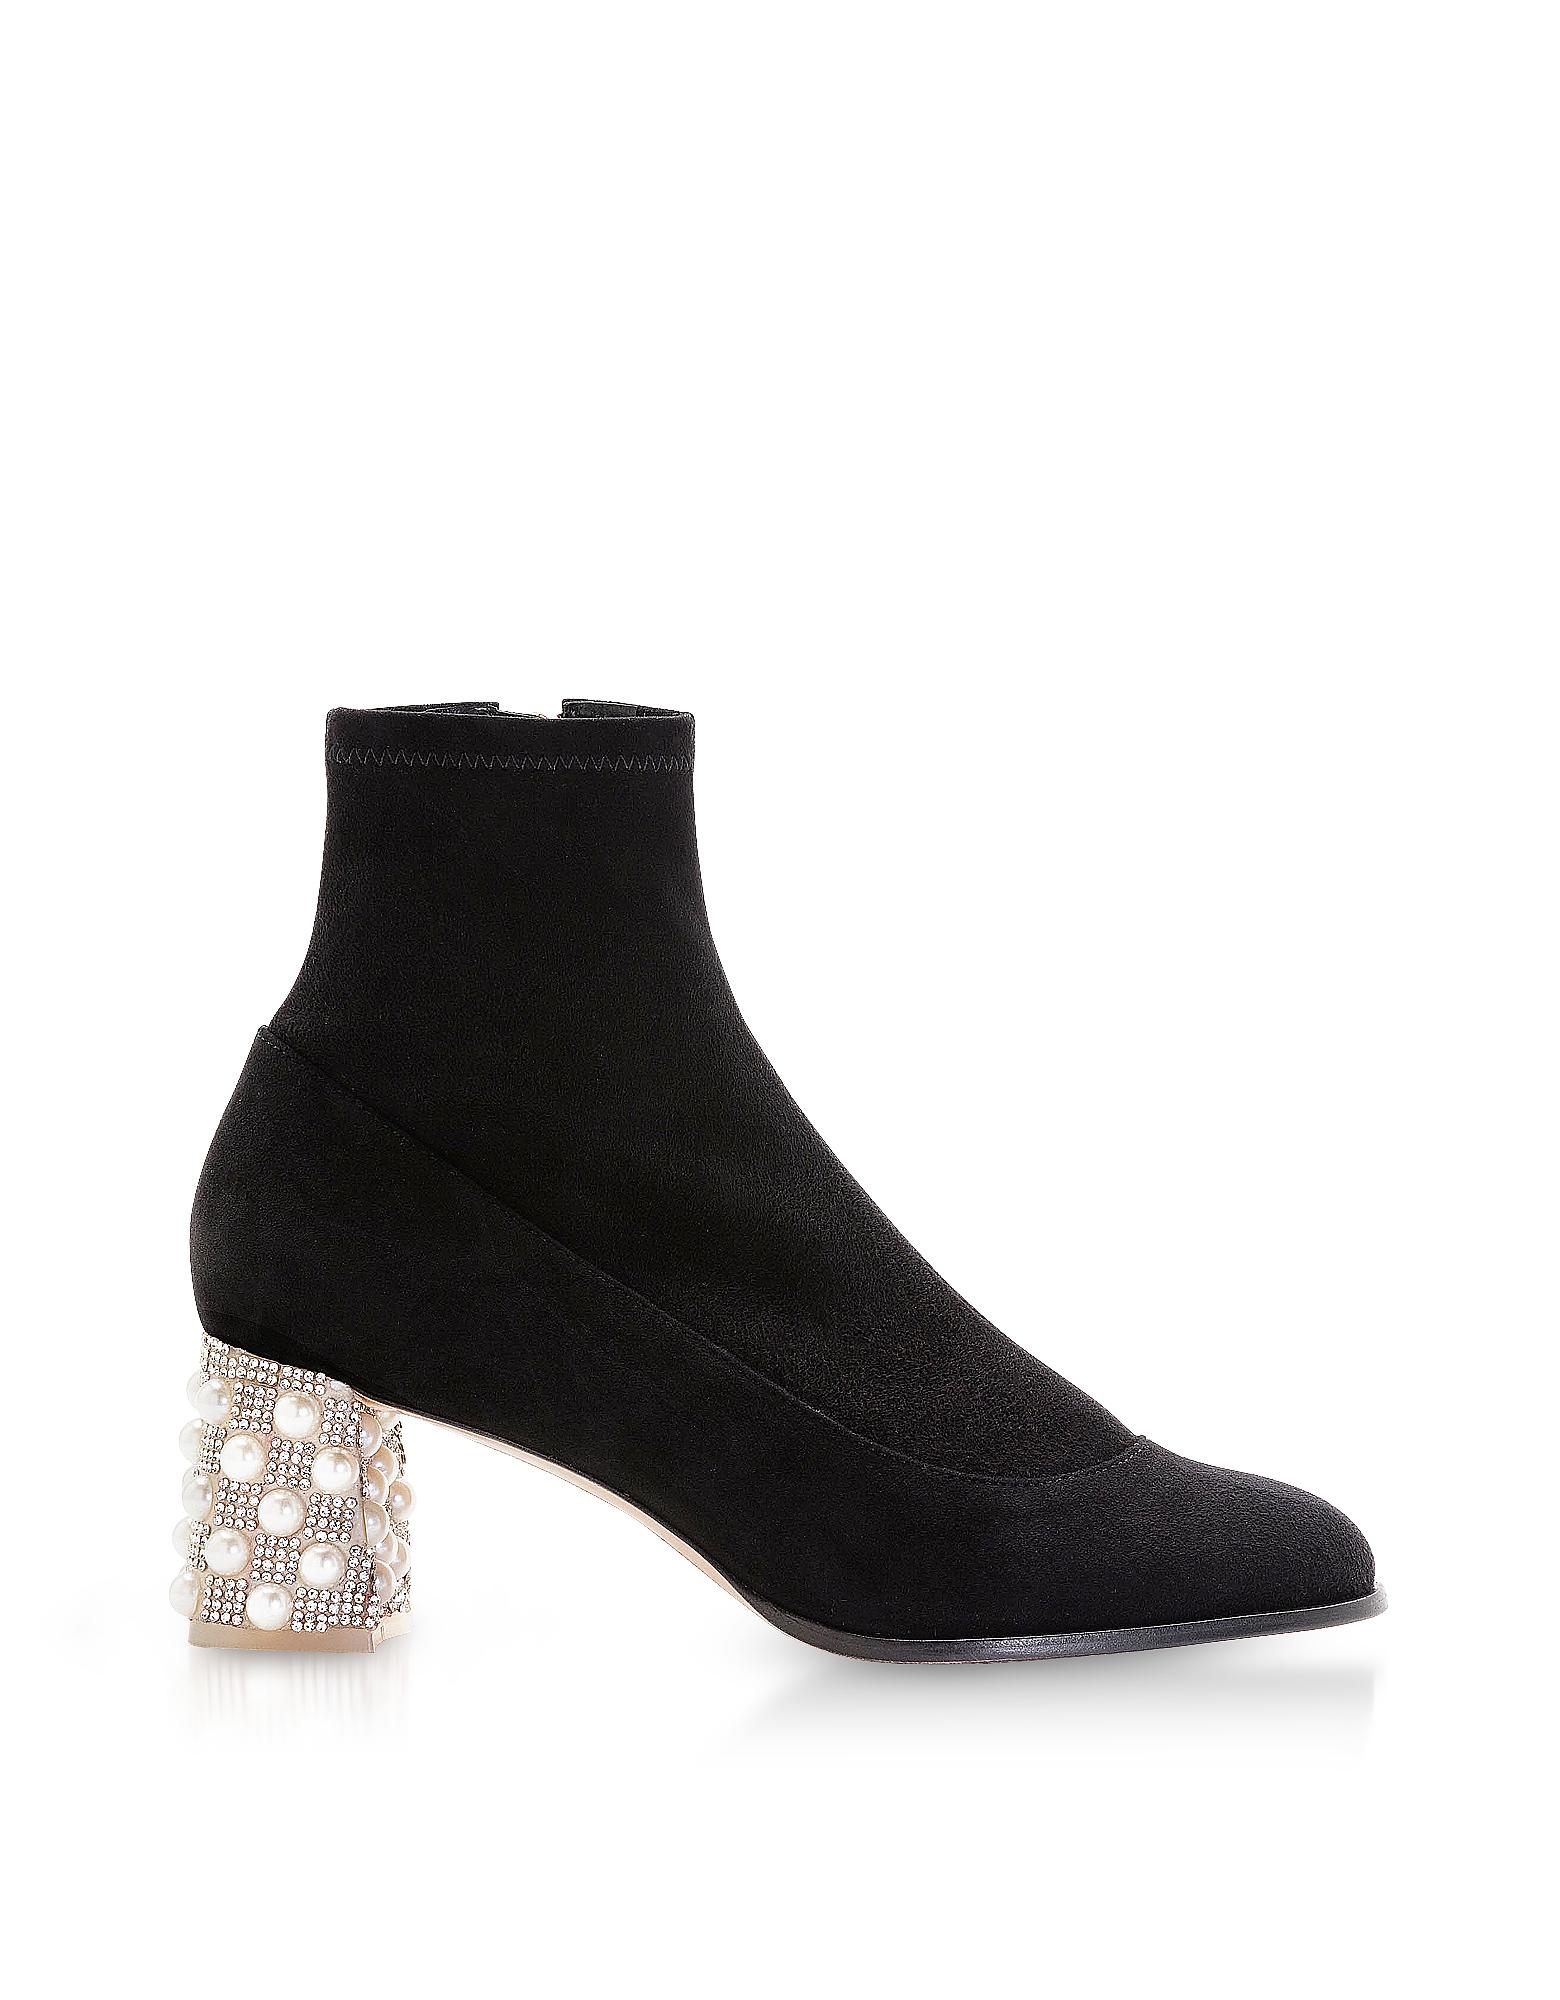 Image of Sophia Webster Designer Shoes, Black Felicity Mid Ankle Boots